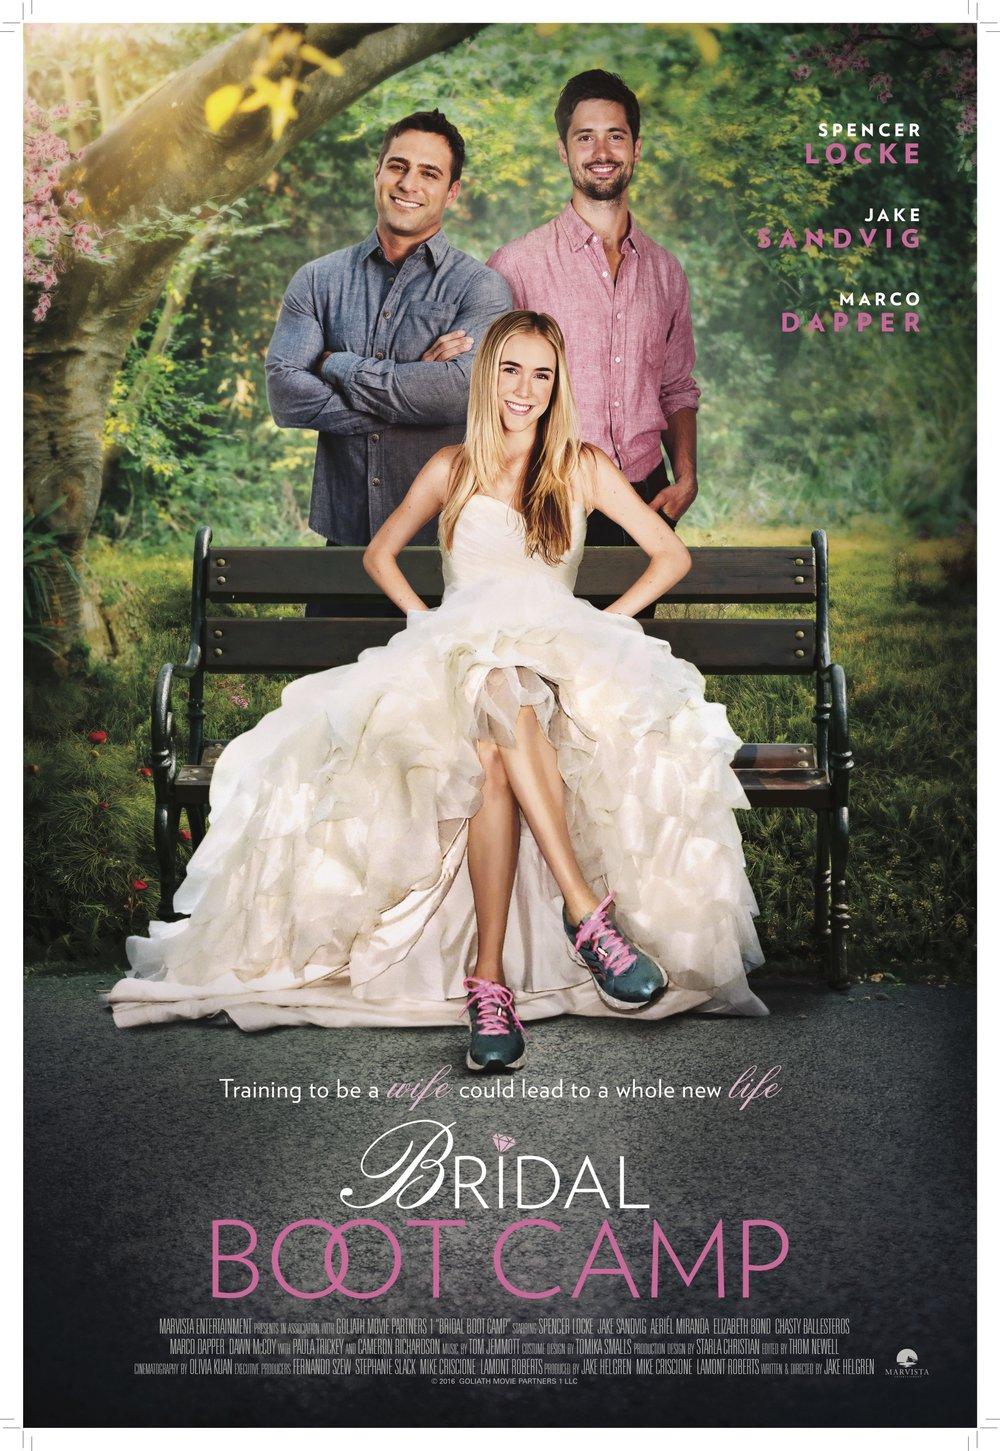 Bridal Boot Camp - Editor